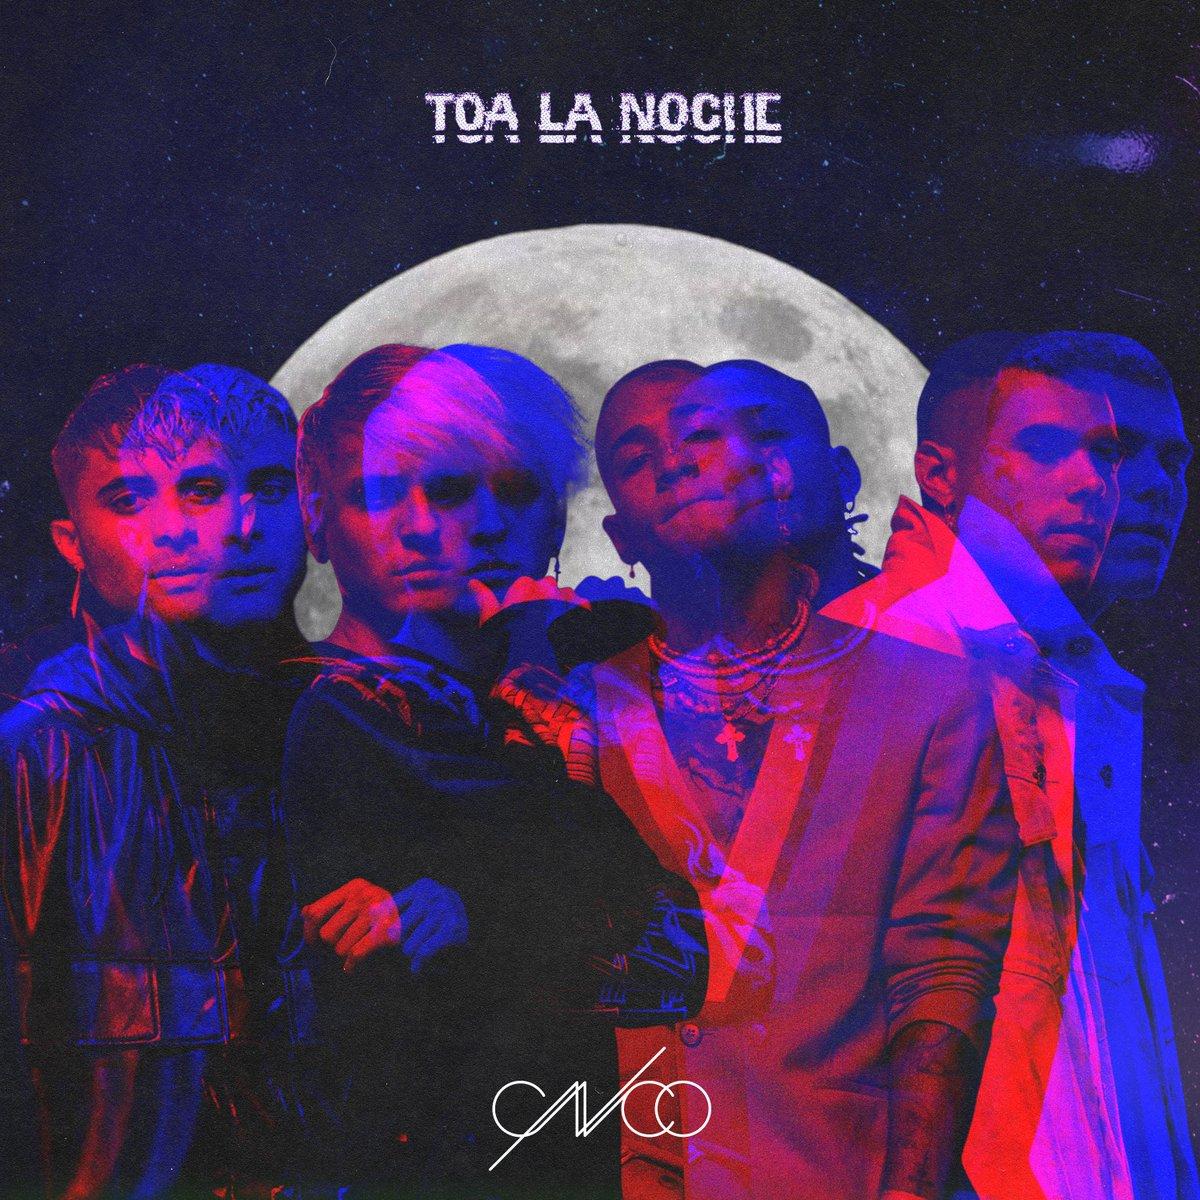 CNCO vuelve como banda de cuatro integrantes en To'a La Noche